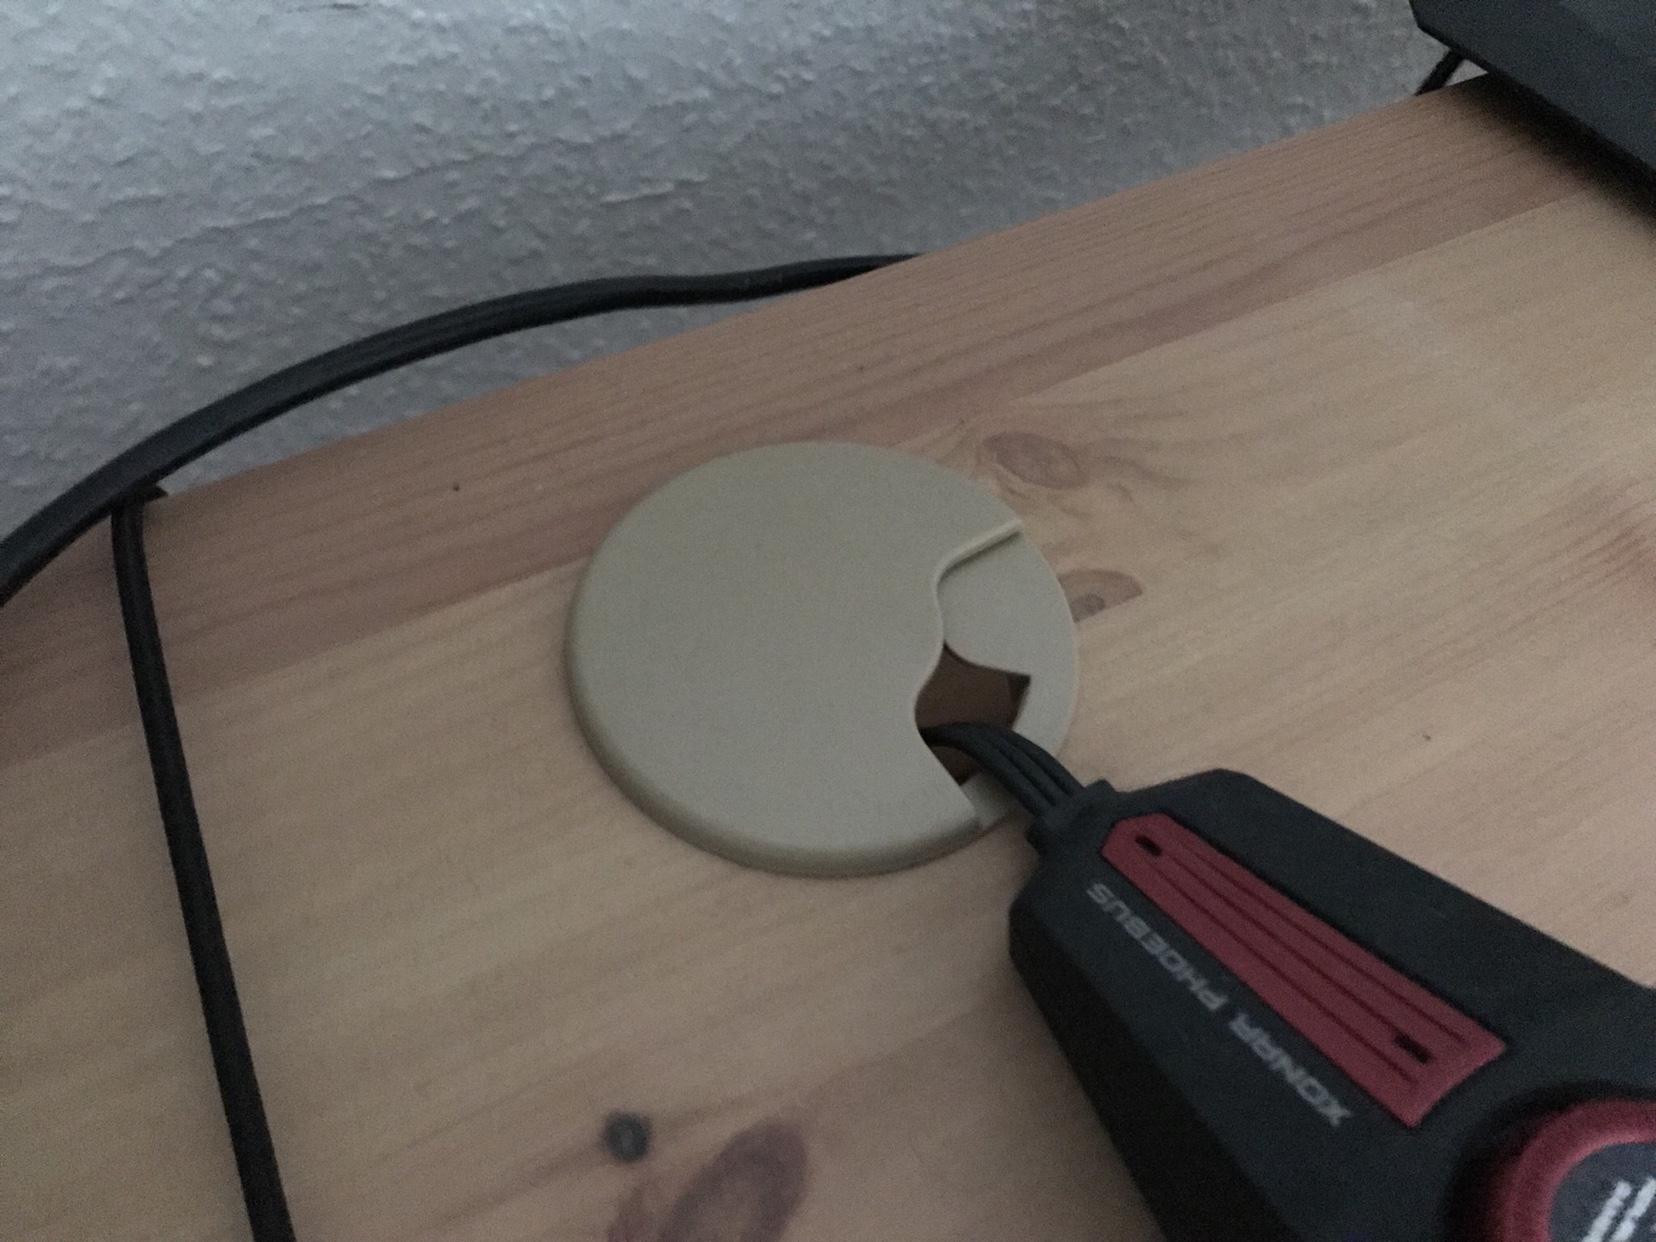 Loch durch schreibtisch bohren f r usb kabel ben tige hilfe - Kabel durch wand bohren ...